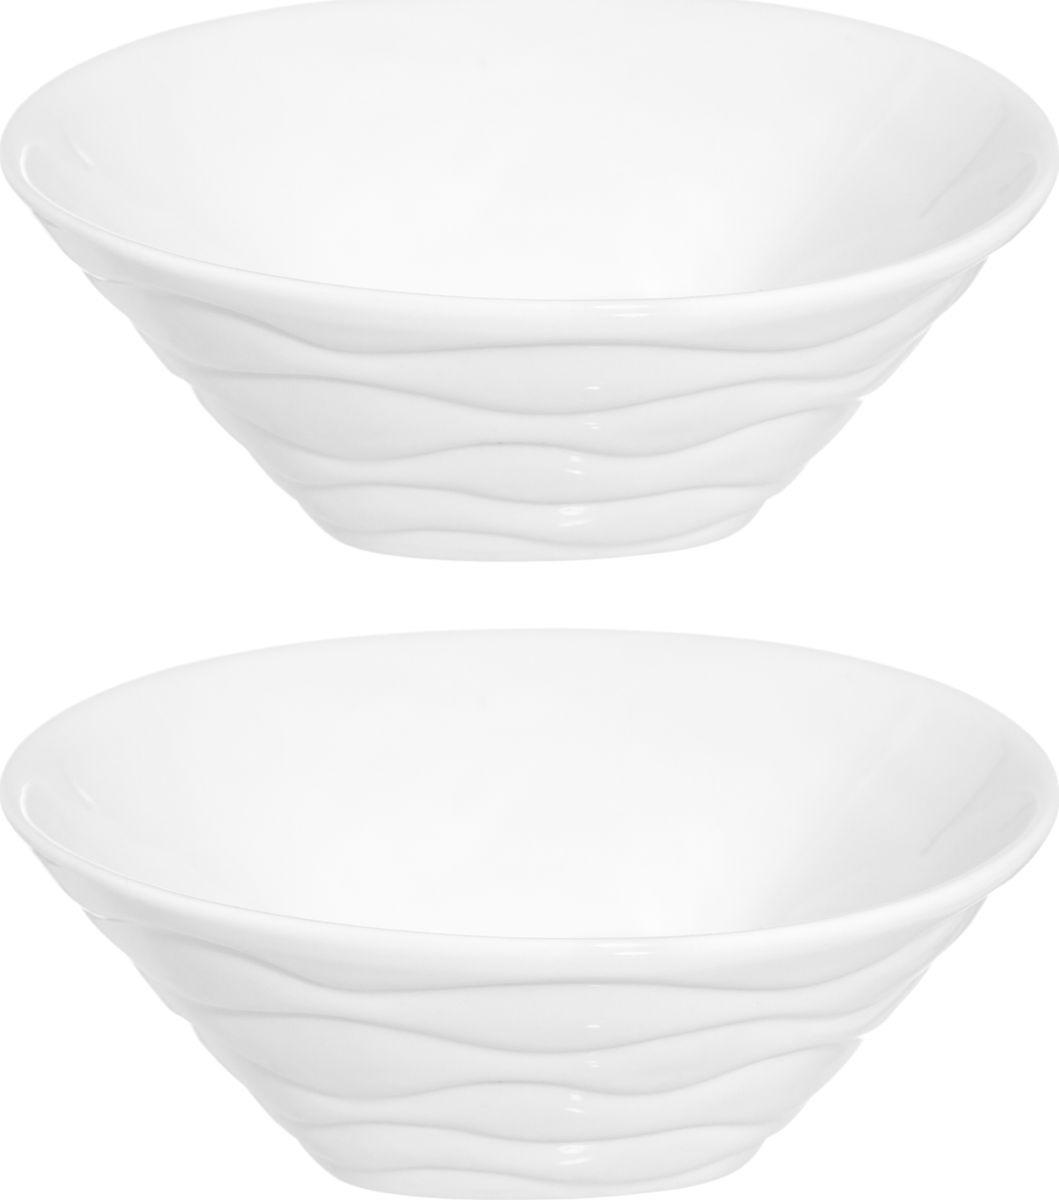 """Набор салатников """"Айсберг"""", 540236, 200 мл, белый, 2 шт"""